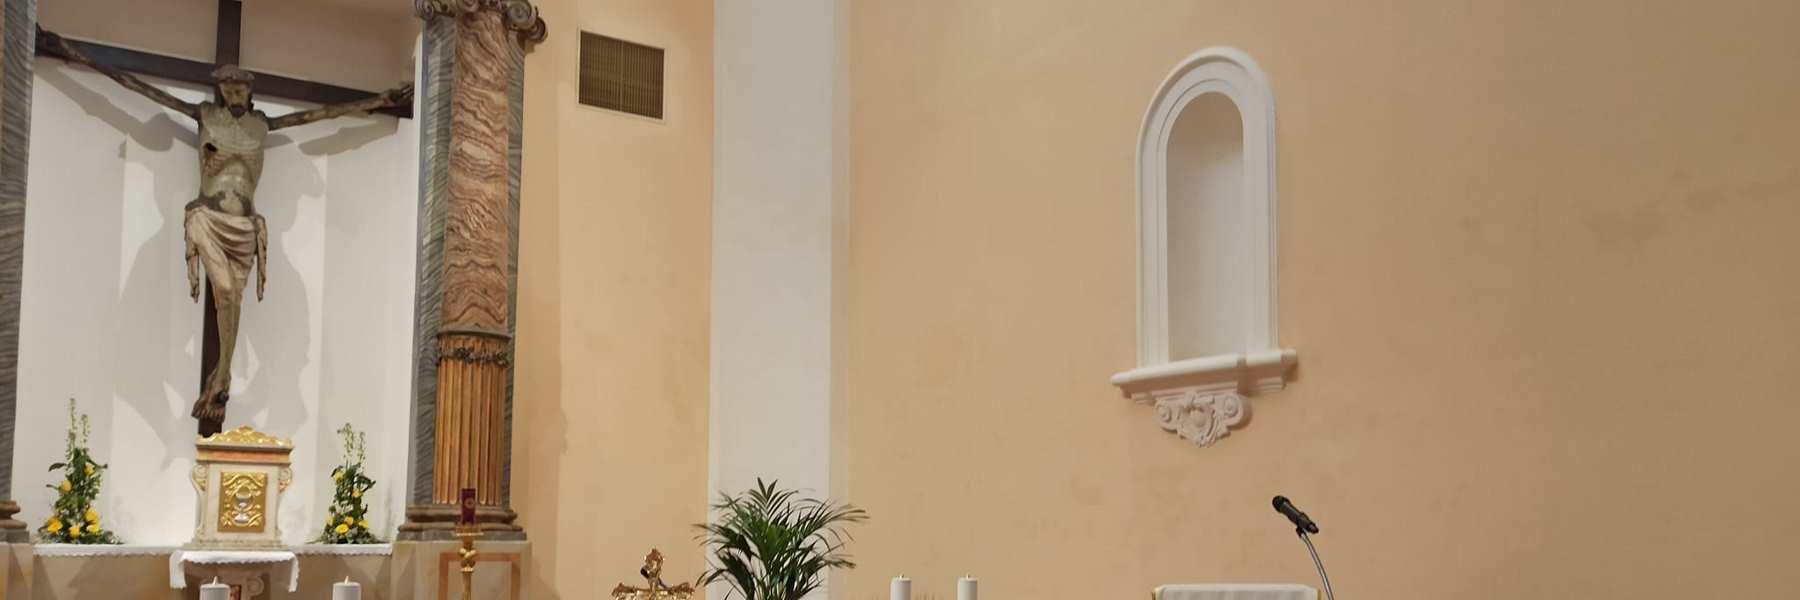 Crocefisso ligneo della Chiesa del Suffragio